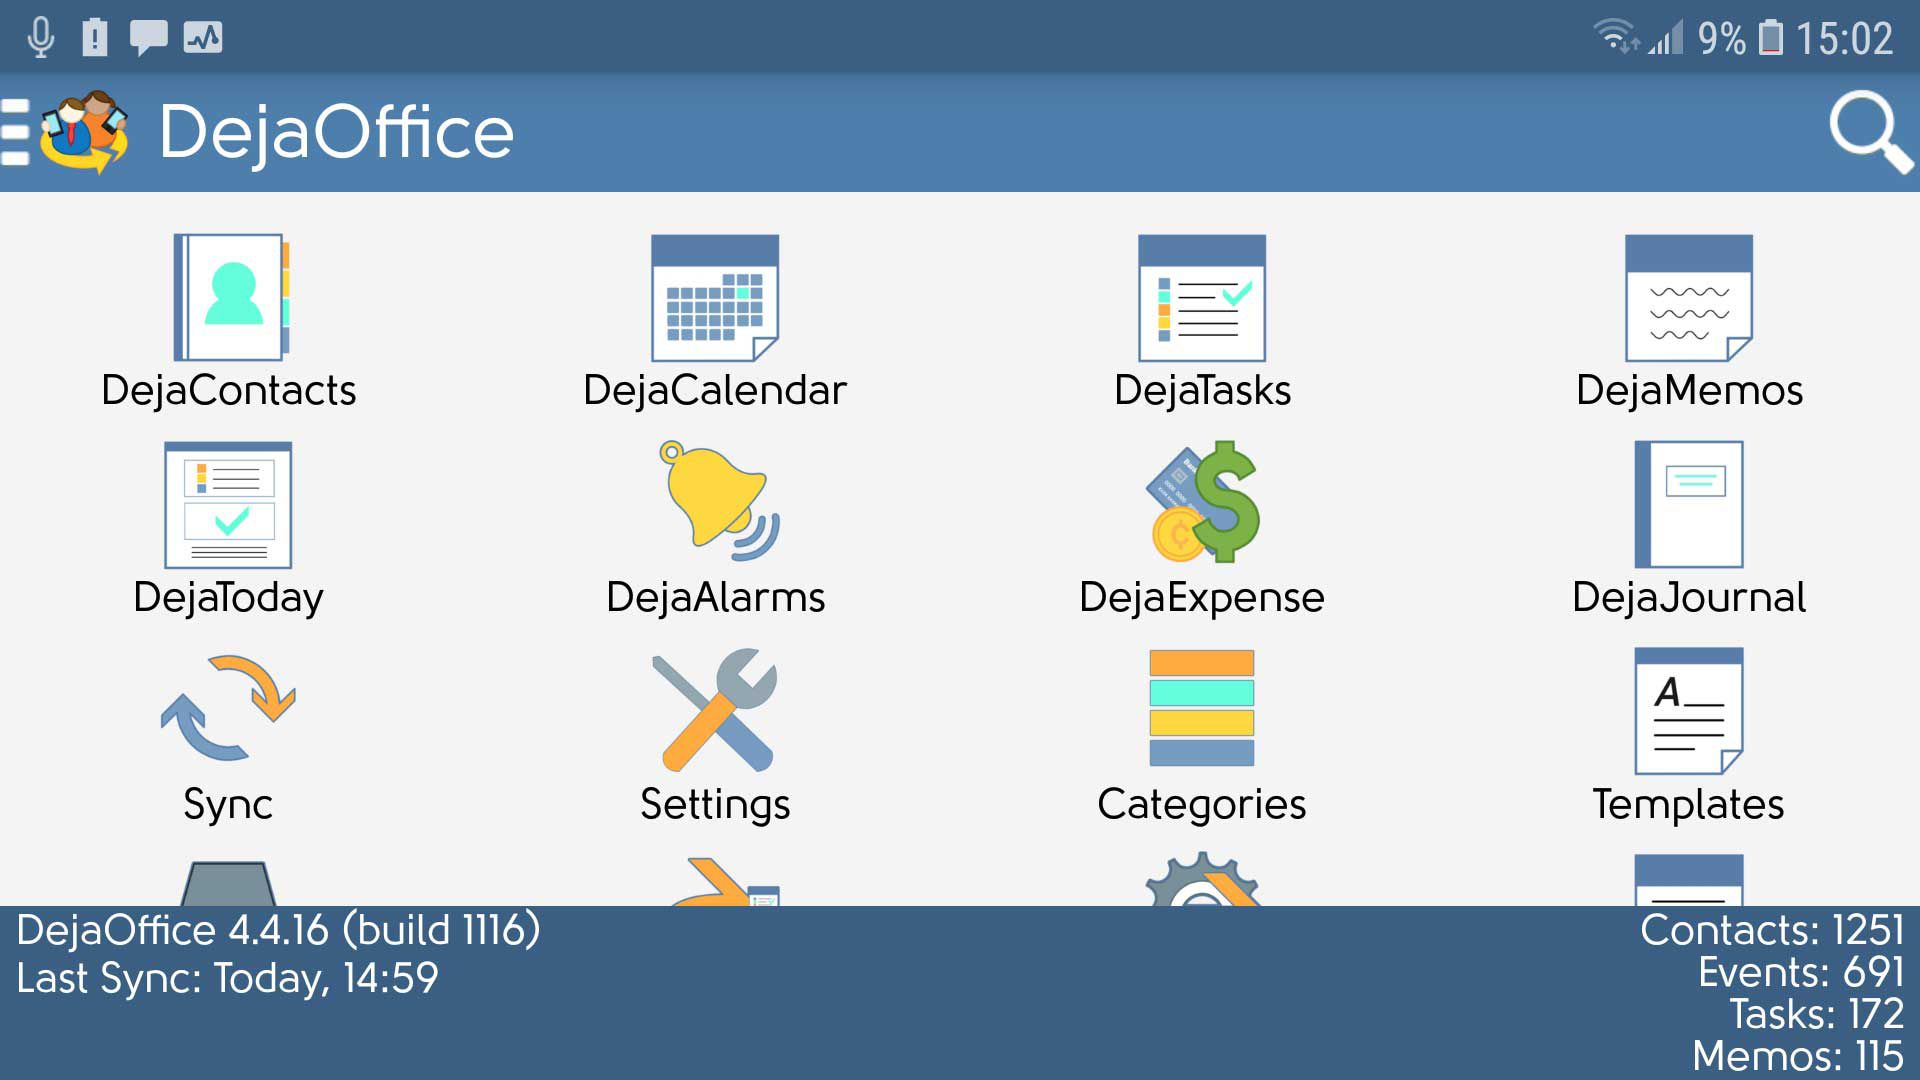 Screen shot of DejaOffice